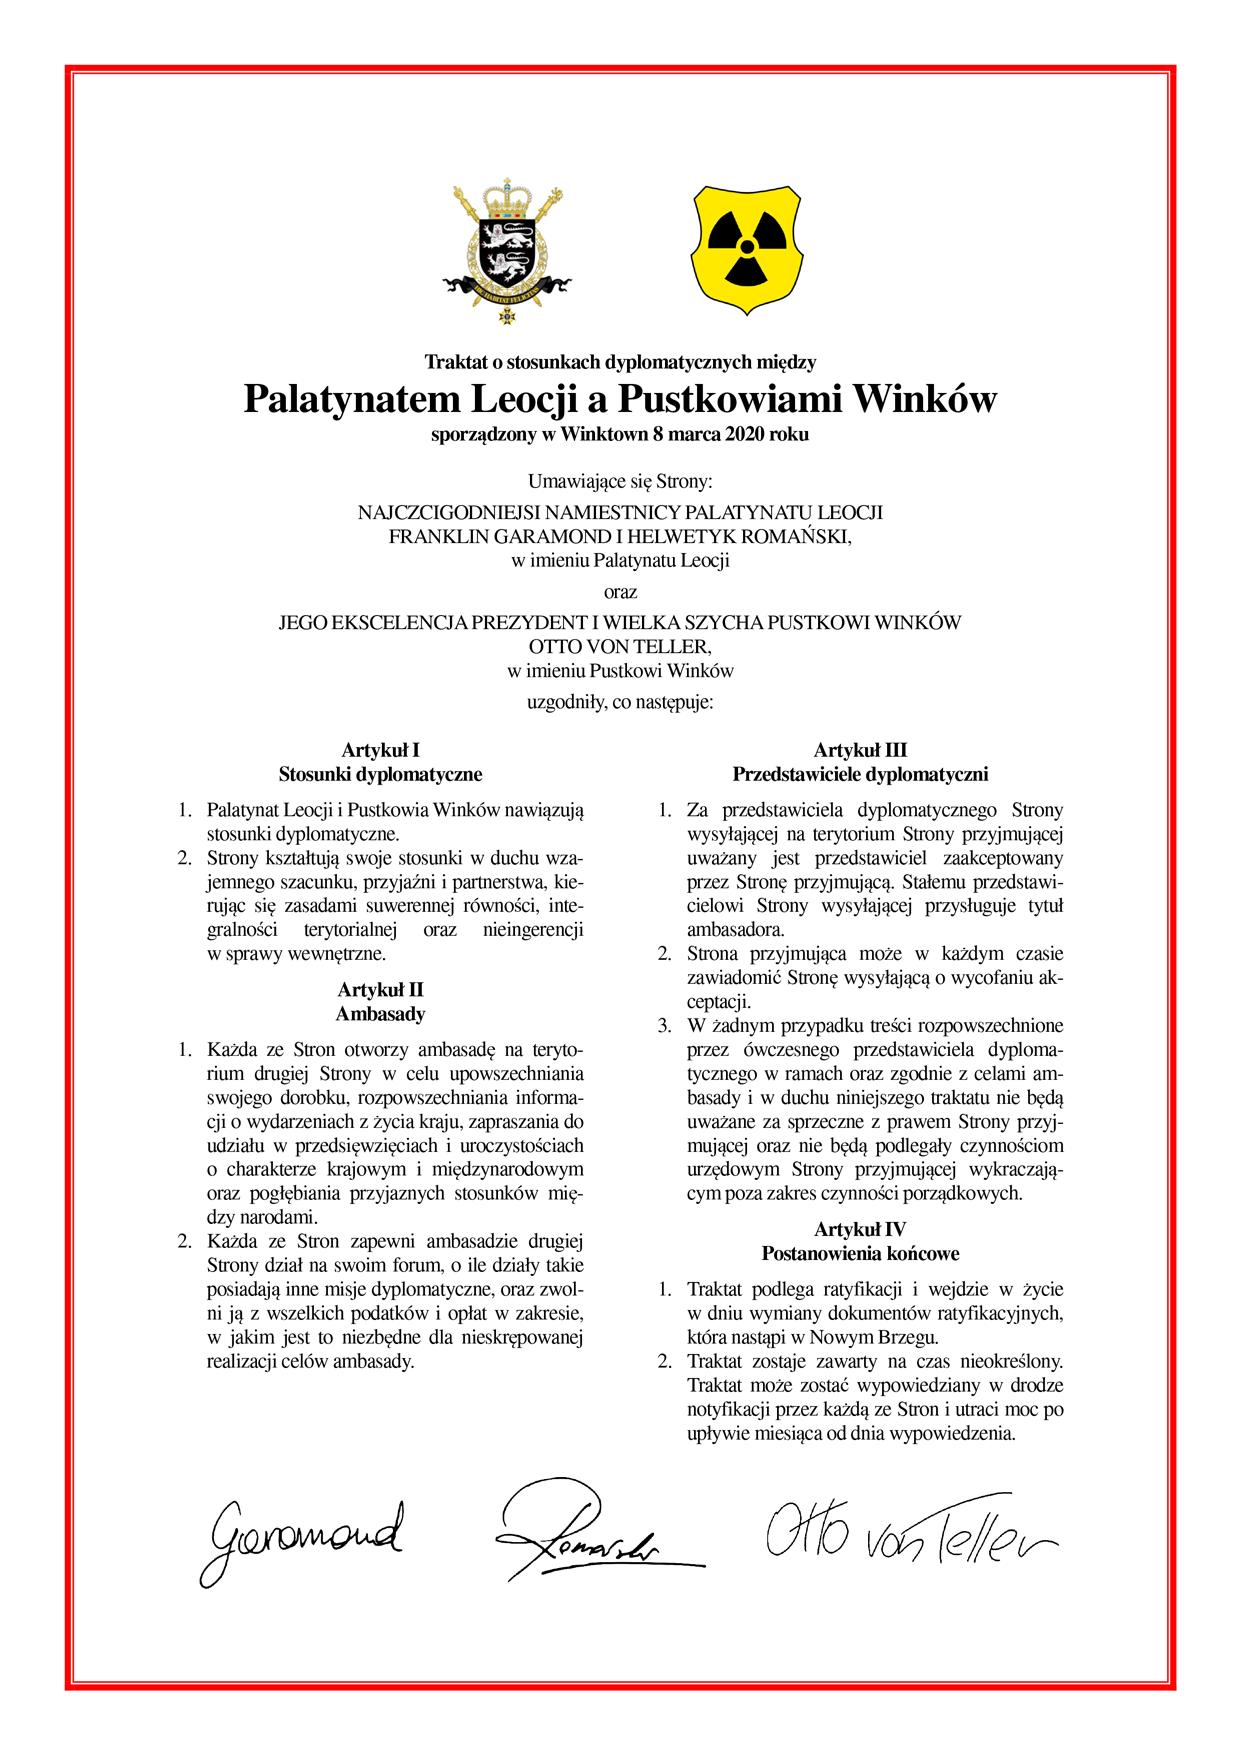 Traktat o stosunkach dyplomatycznych między Palatynatem Leocji a Pustkowiami Winków